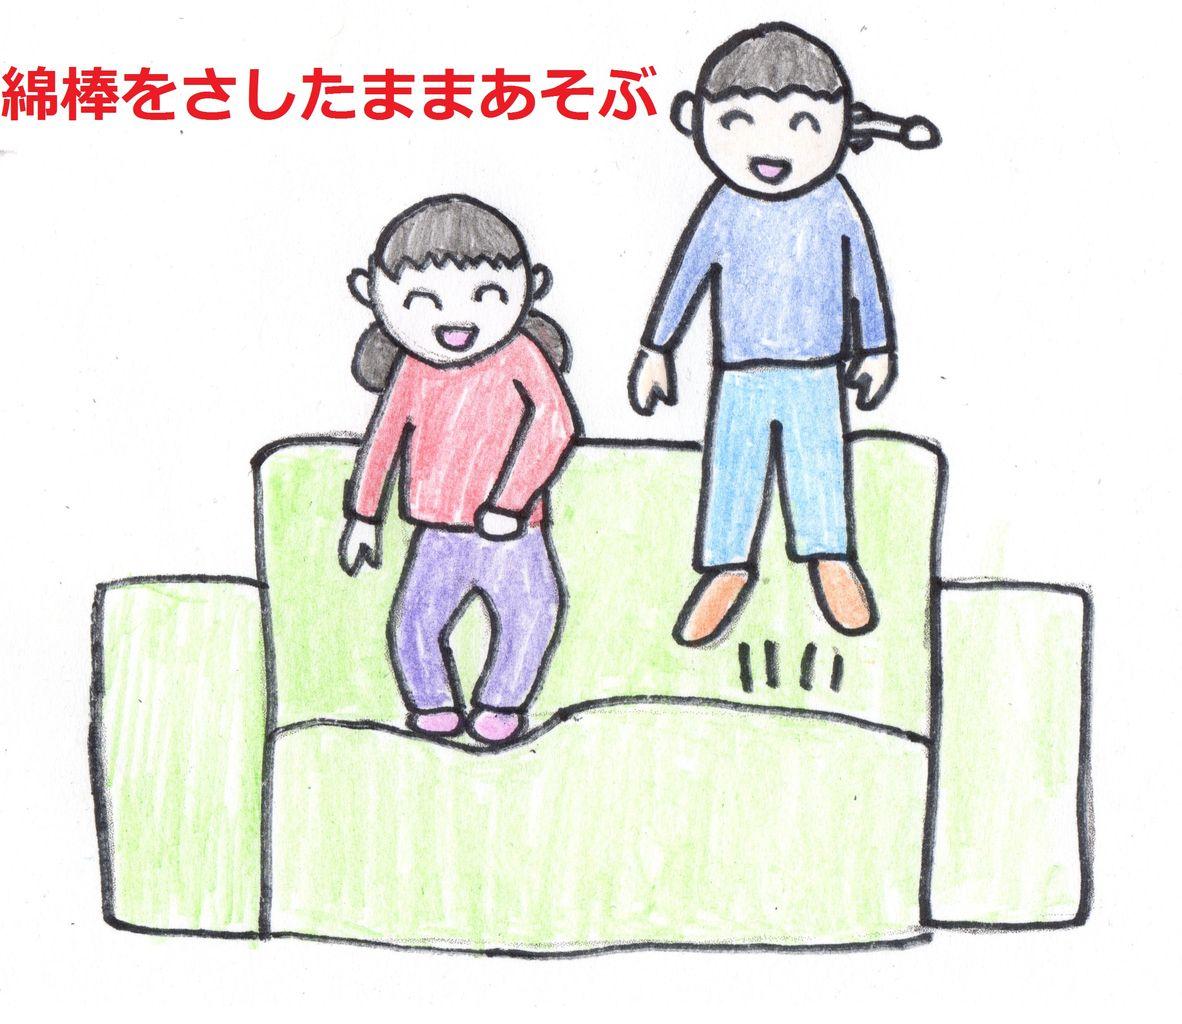 赤ちゃんや子供を危険から守ろう  耳掃除、耳かき中の事故を防ごう、綿棒の持ち方を変えよう!                あんこー